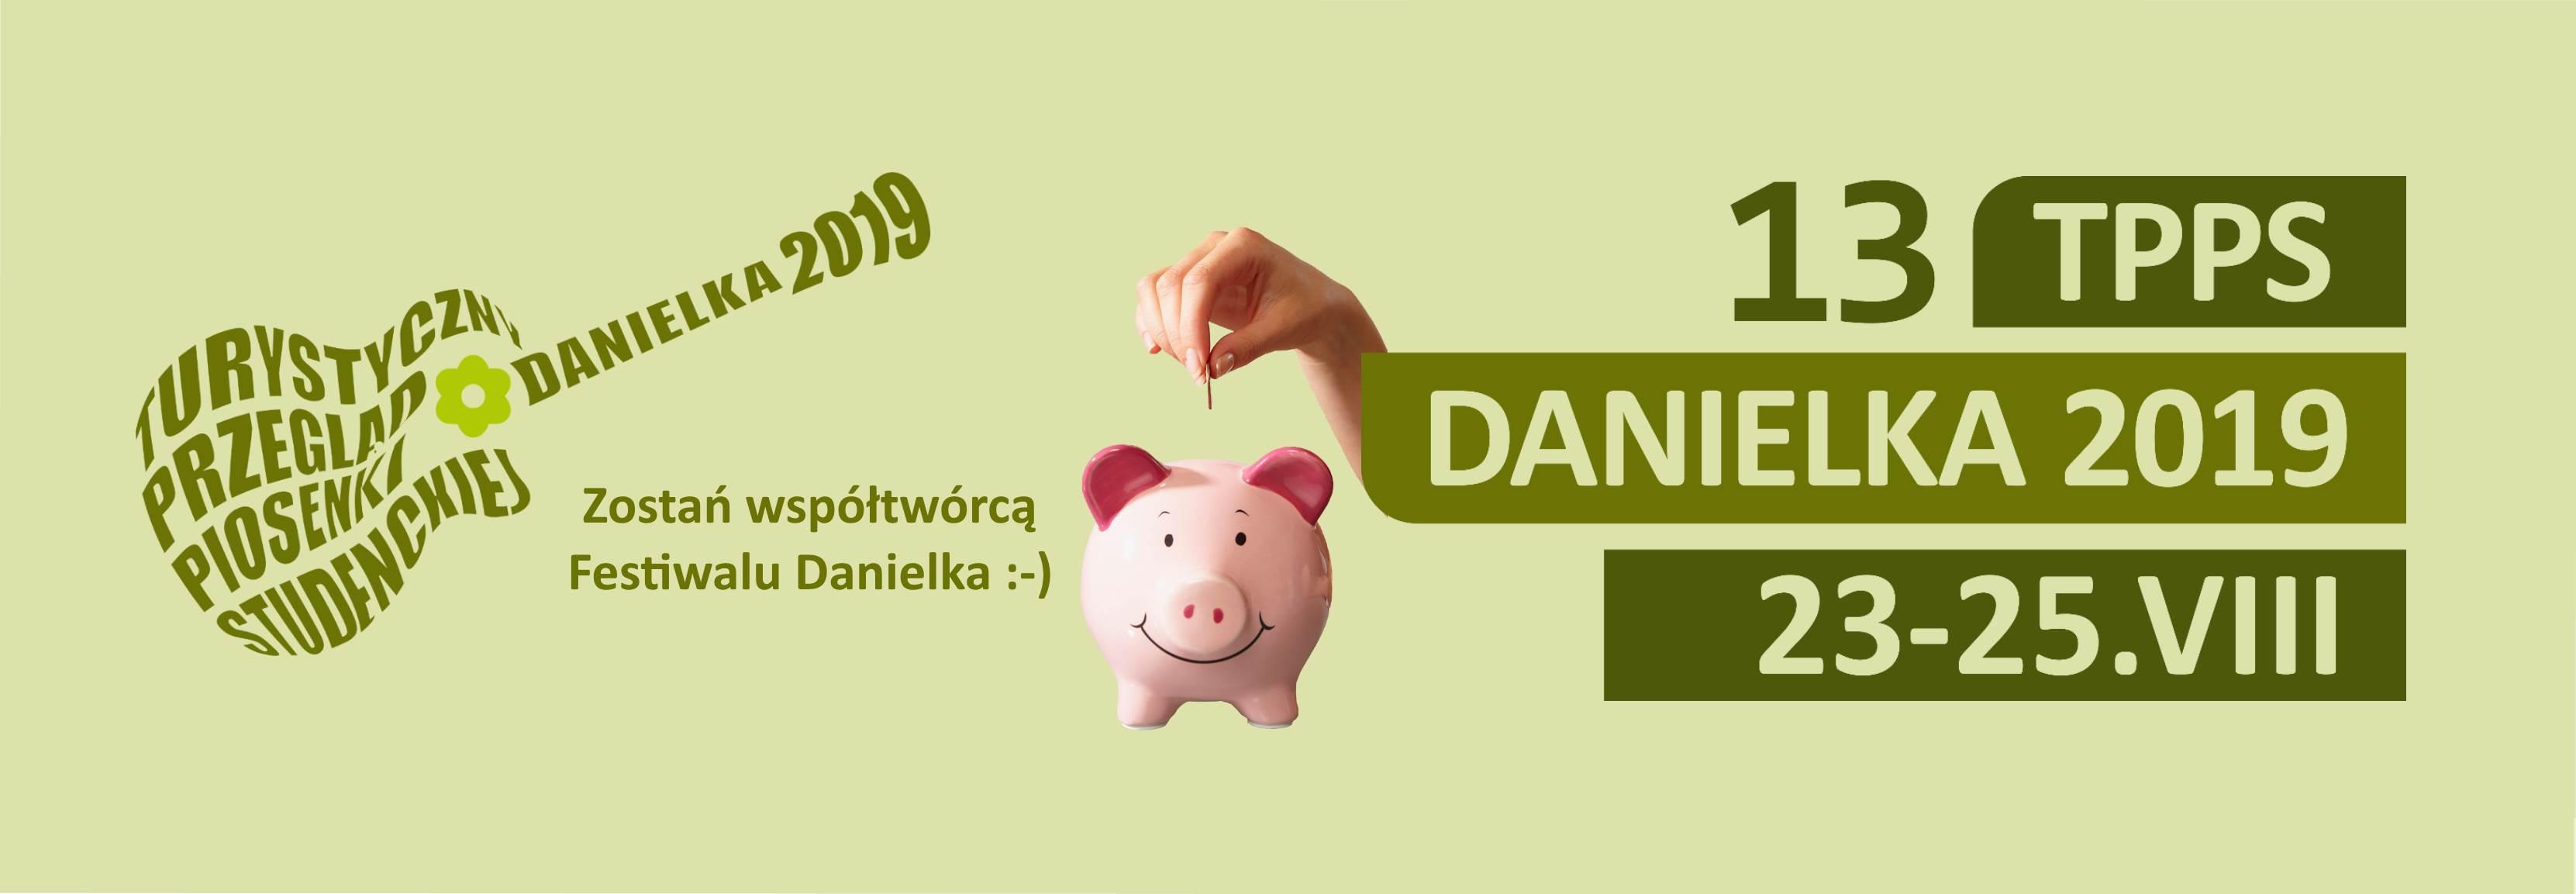 Zrzutka na Danielkę 2019 uruchomiona!